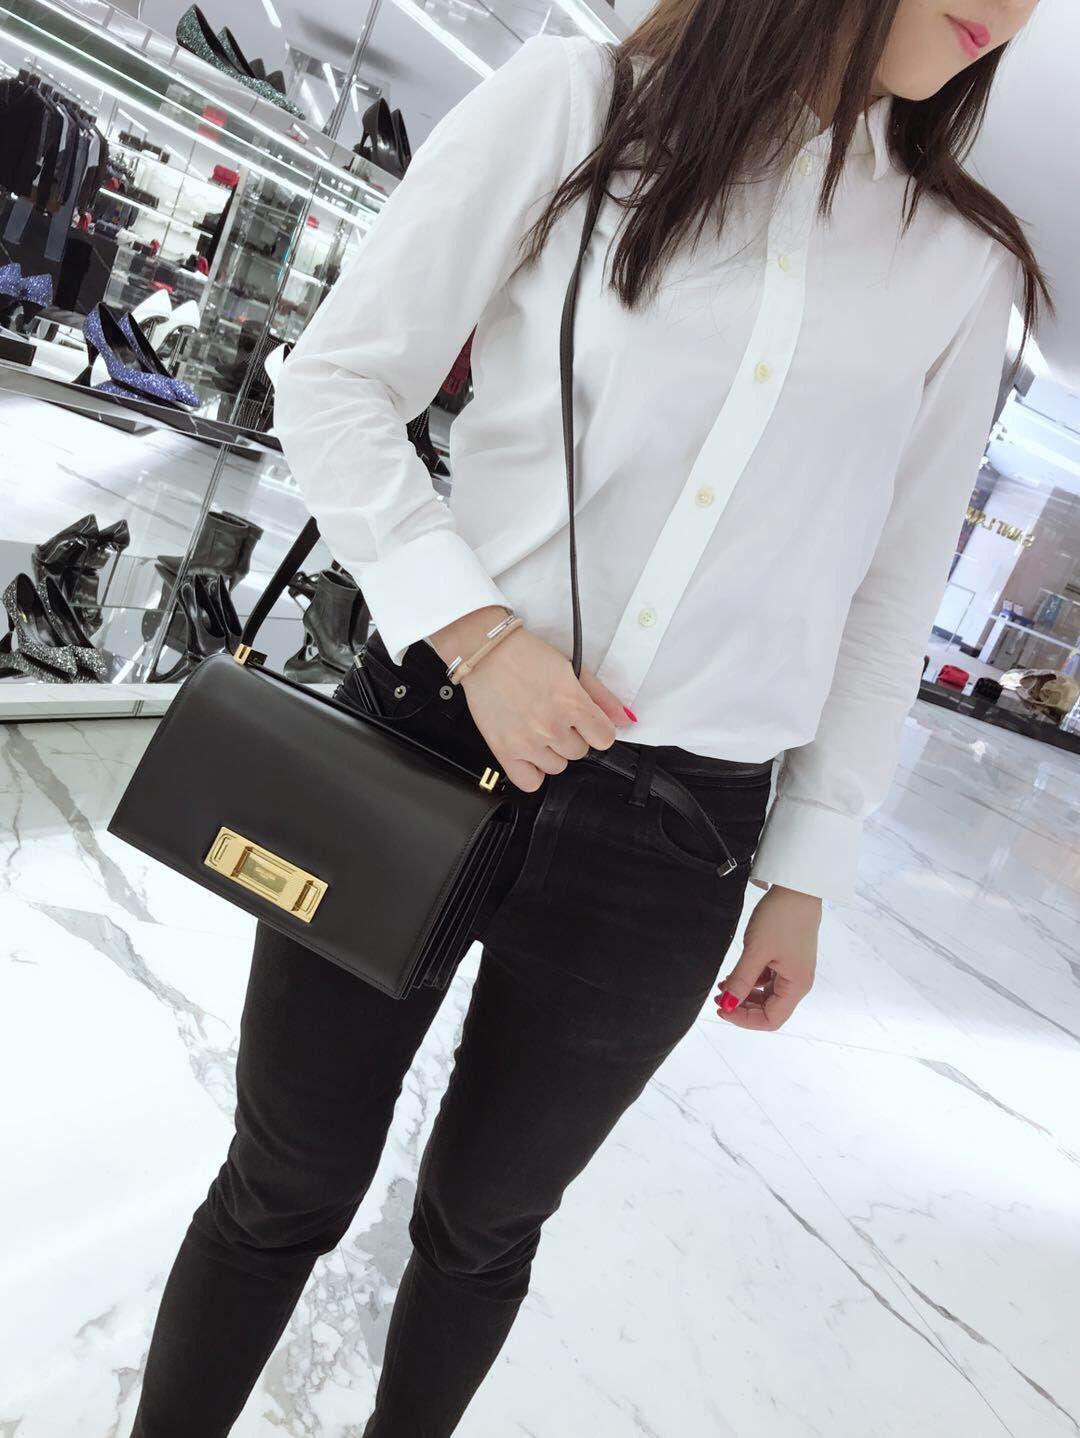 聖羅蘭女包 YSL DOMINO 中號黑色真皮包包 配以雙旋轉式鎖扣